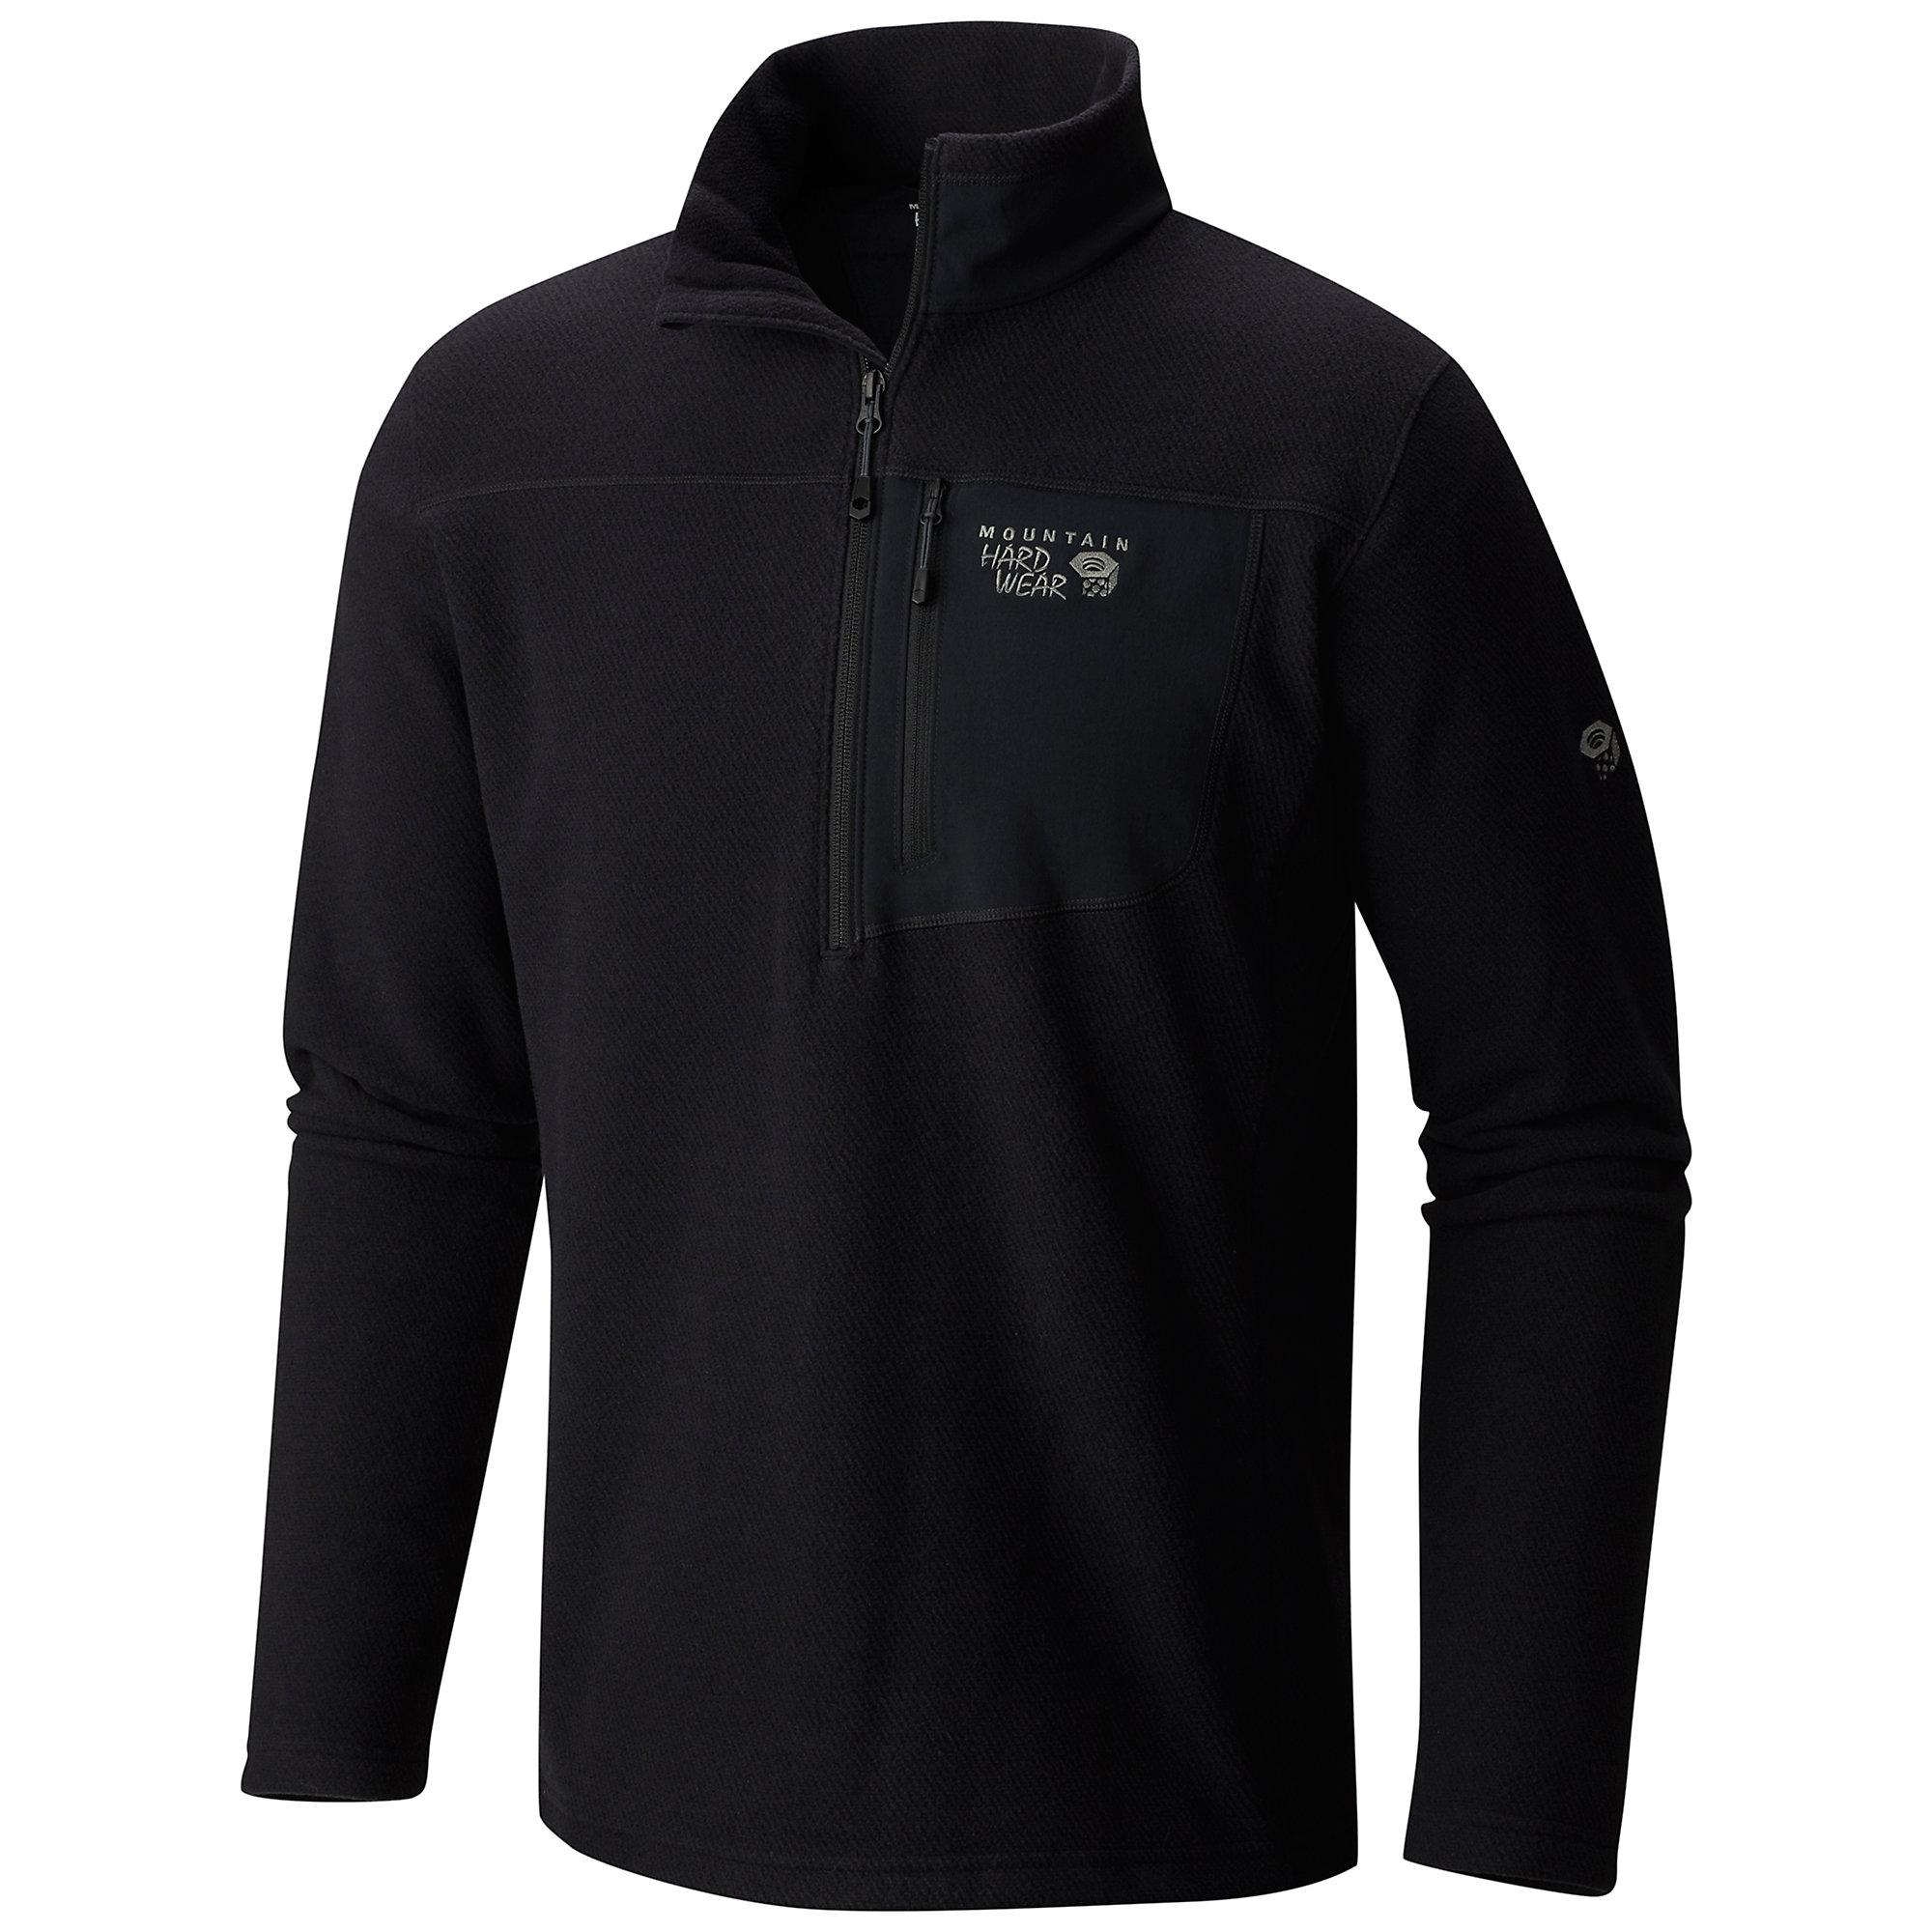 Mountain Hardwear Toasty Twill Fleece 1/2 Zip